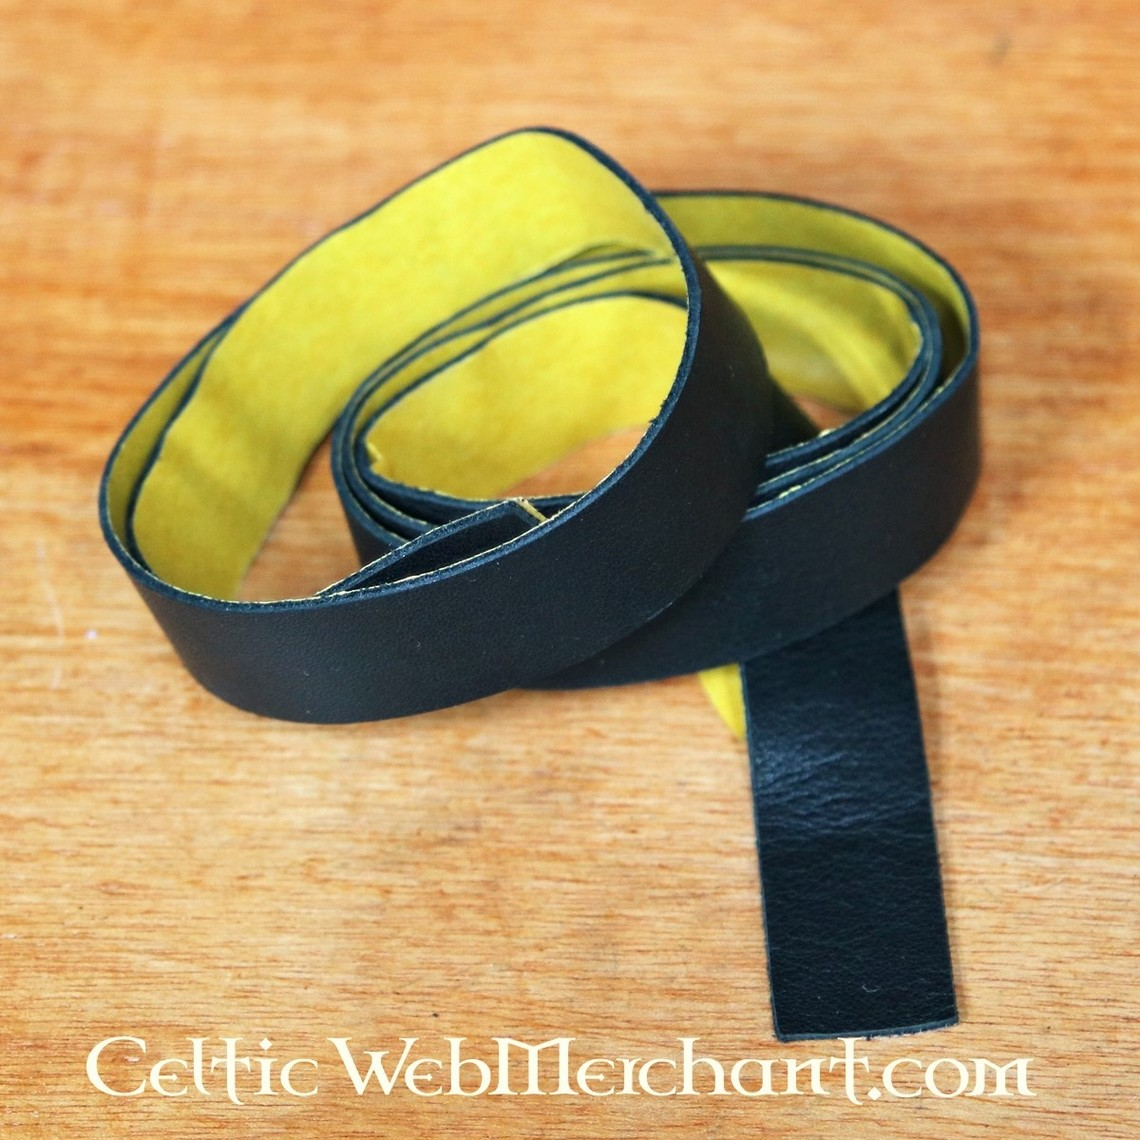 Selvklæbende læder bånd til sløjfe greb og spydstager